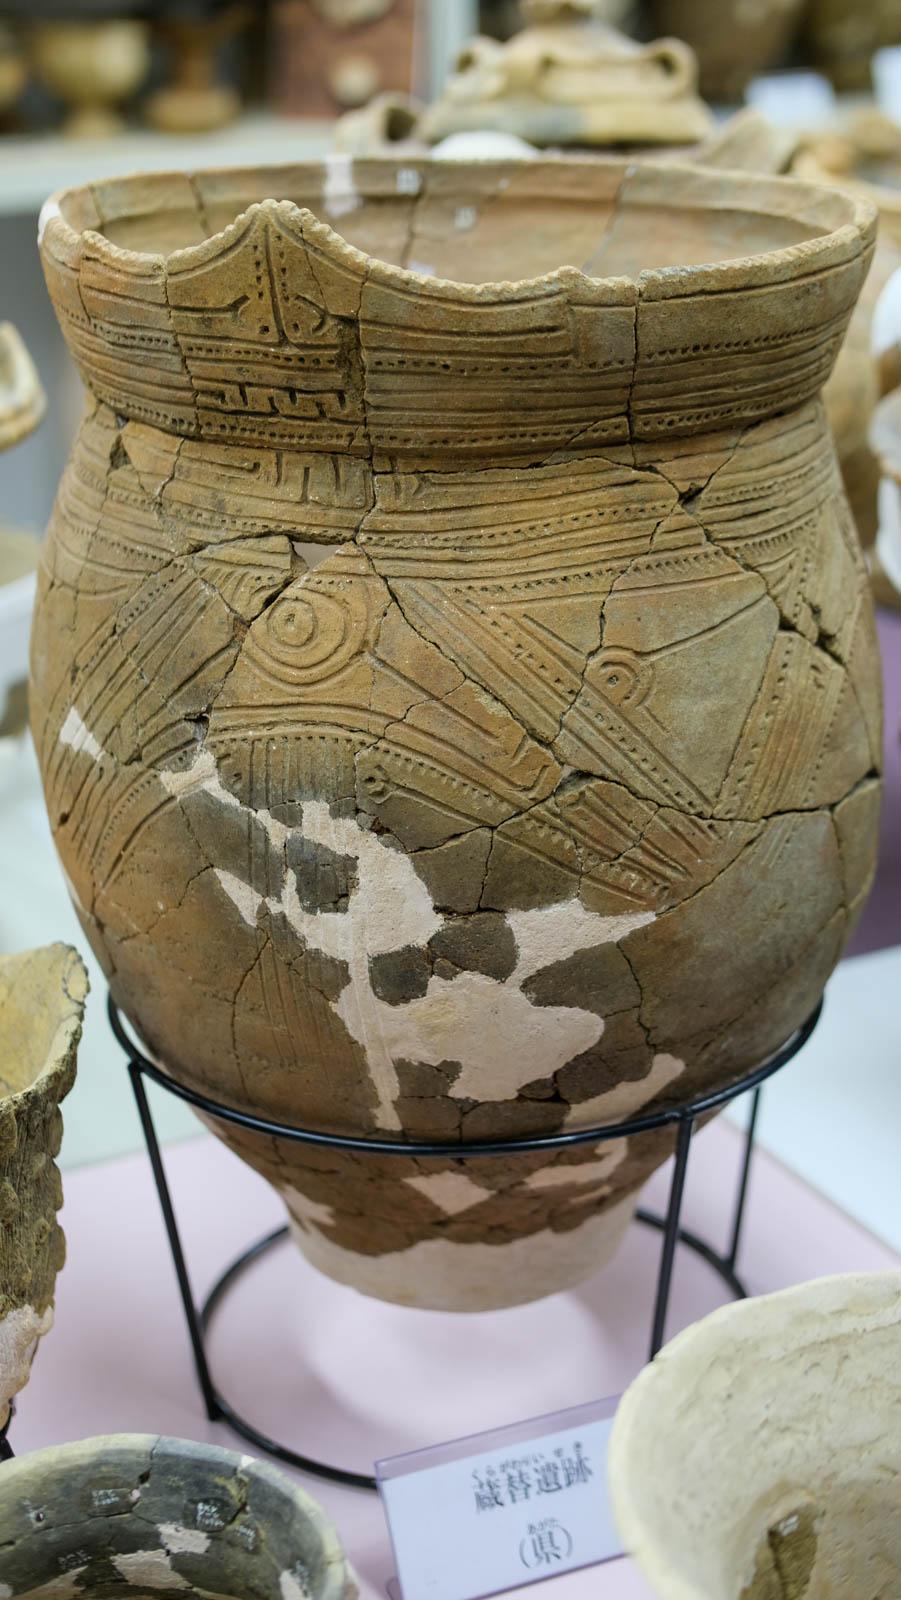 直線と点線で模様が描かれた縄文土器